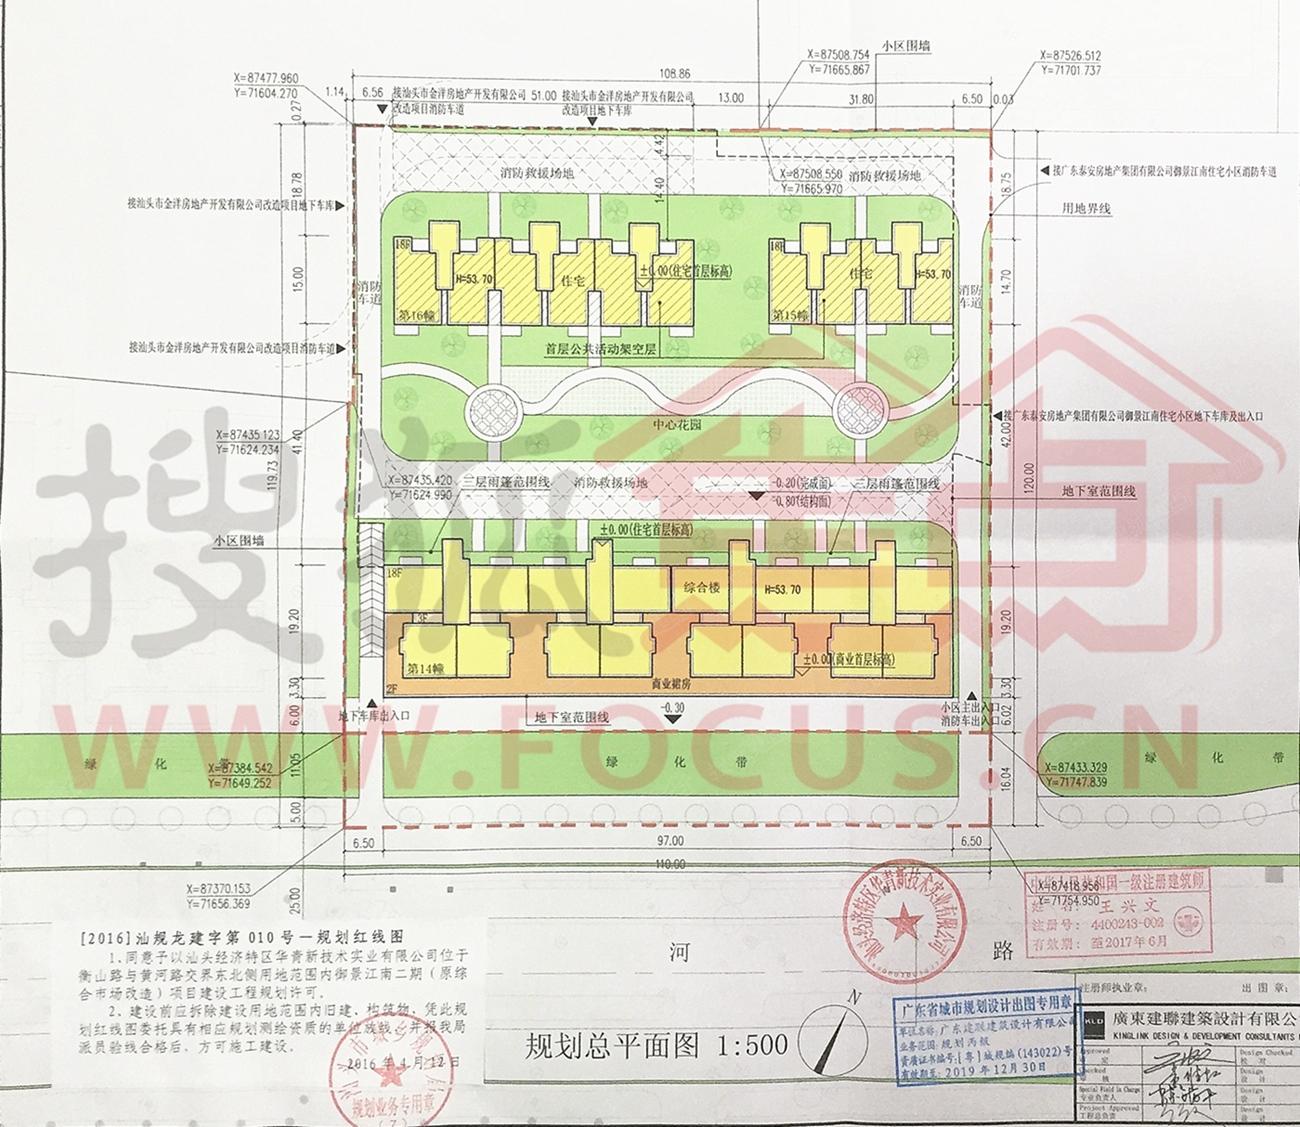 敏捷·海琴湾规划图-汕头搜狐焦点网